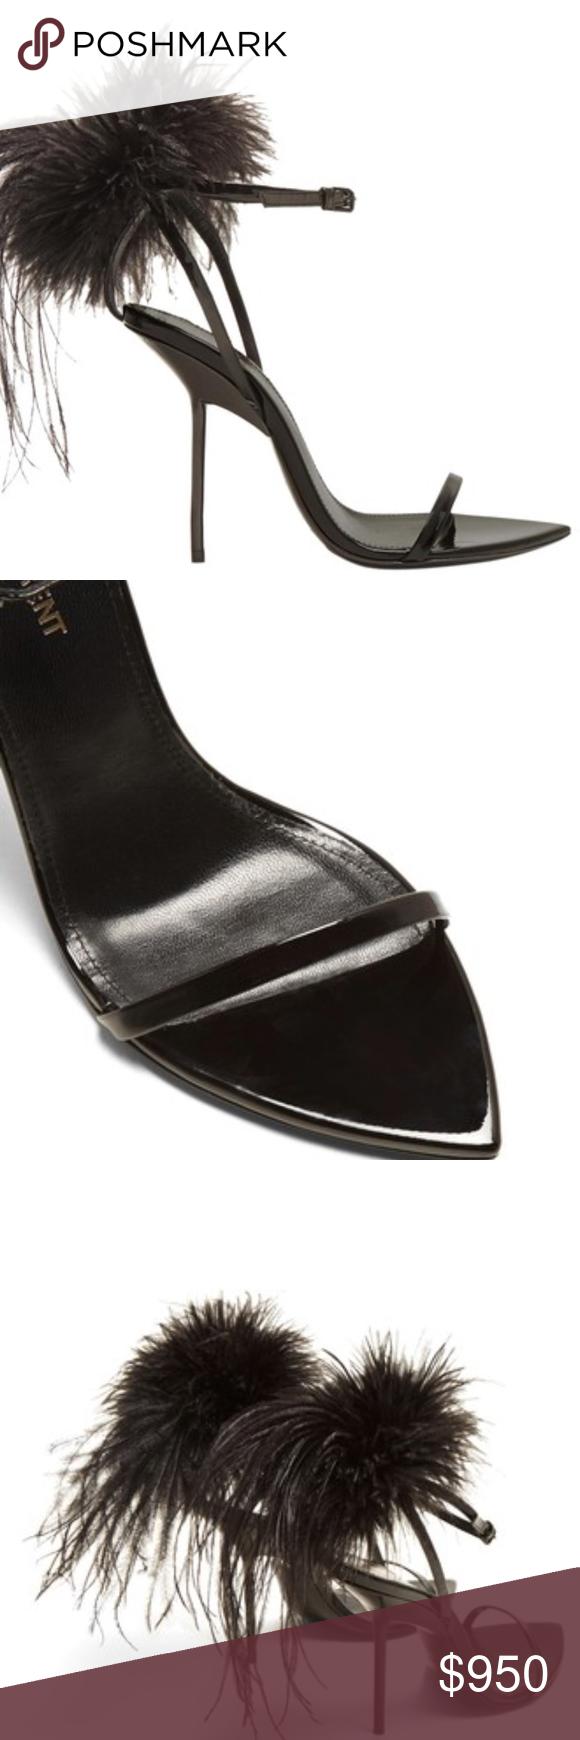 ed9f68311a66 SAINT LAURENT Mansour feather-embellished sandals SAINT LAURENT Mansour  feather-embellished sandals These black